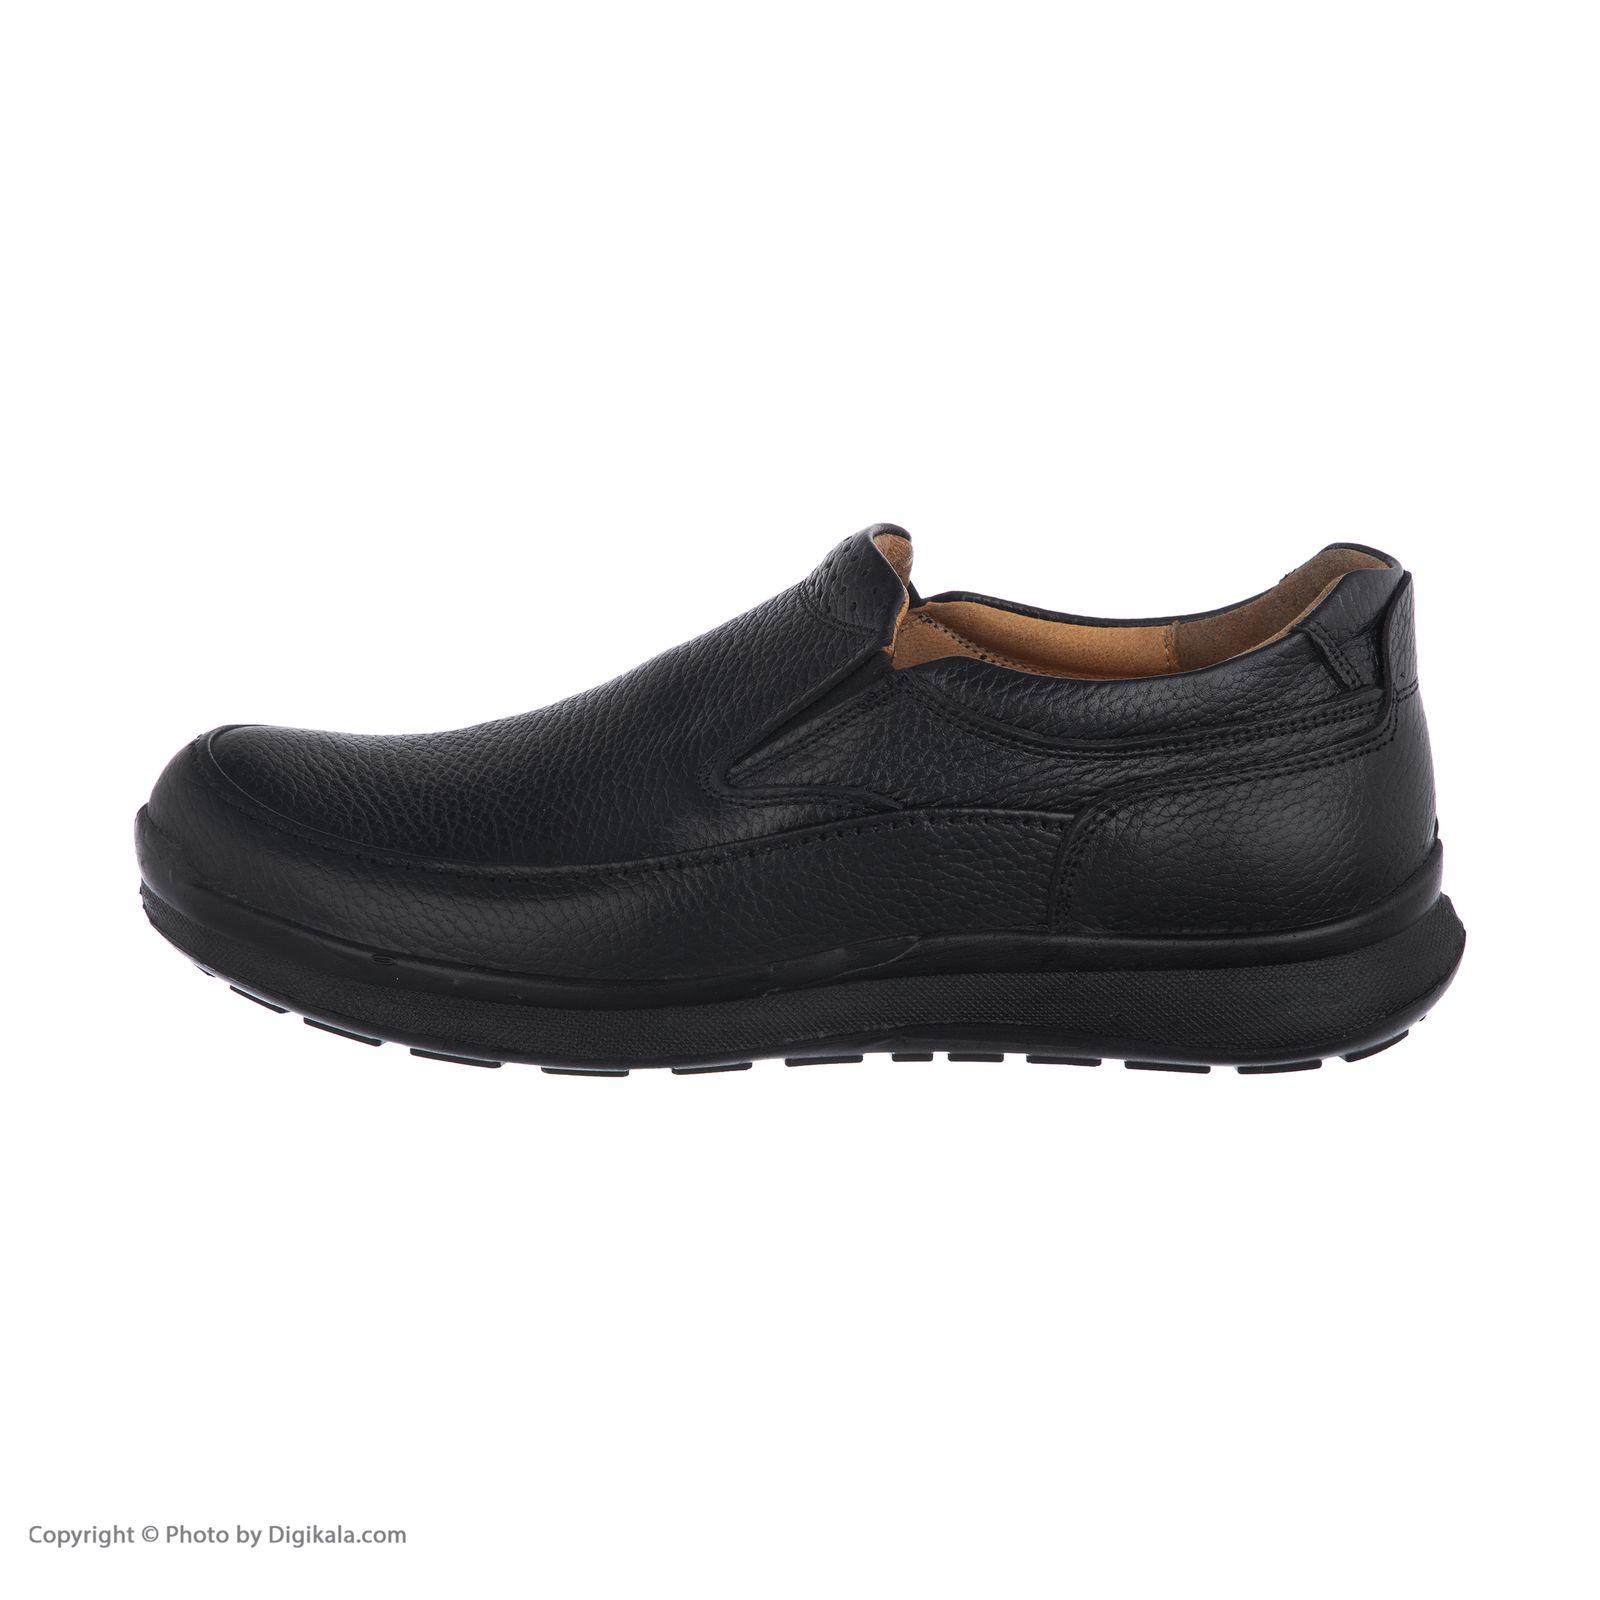 کفش روزمره مردانه آذر پلاس مدل 4401A503101 -  - 3